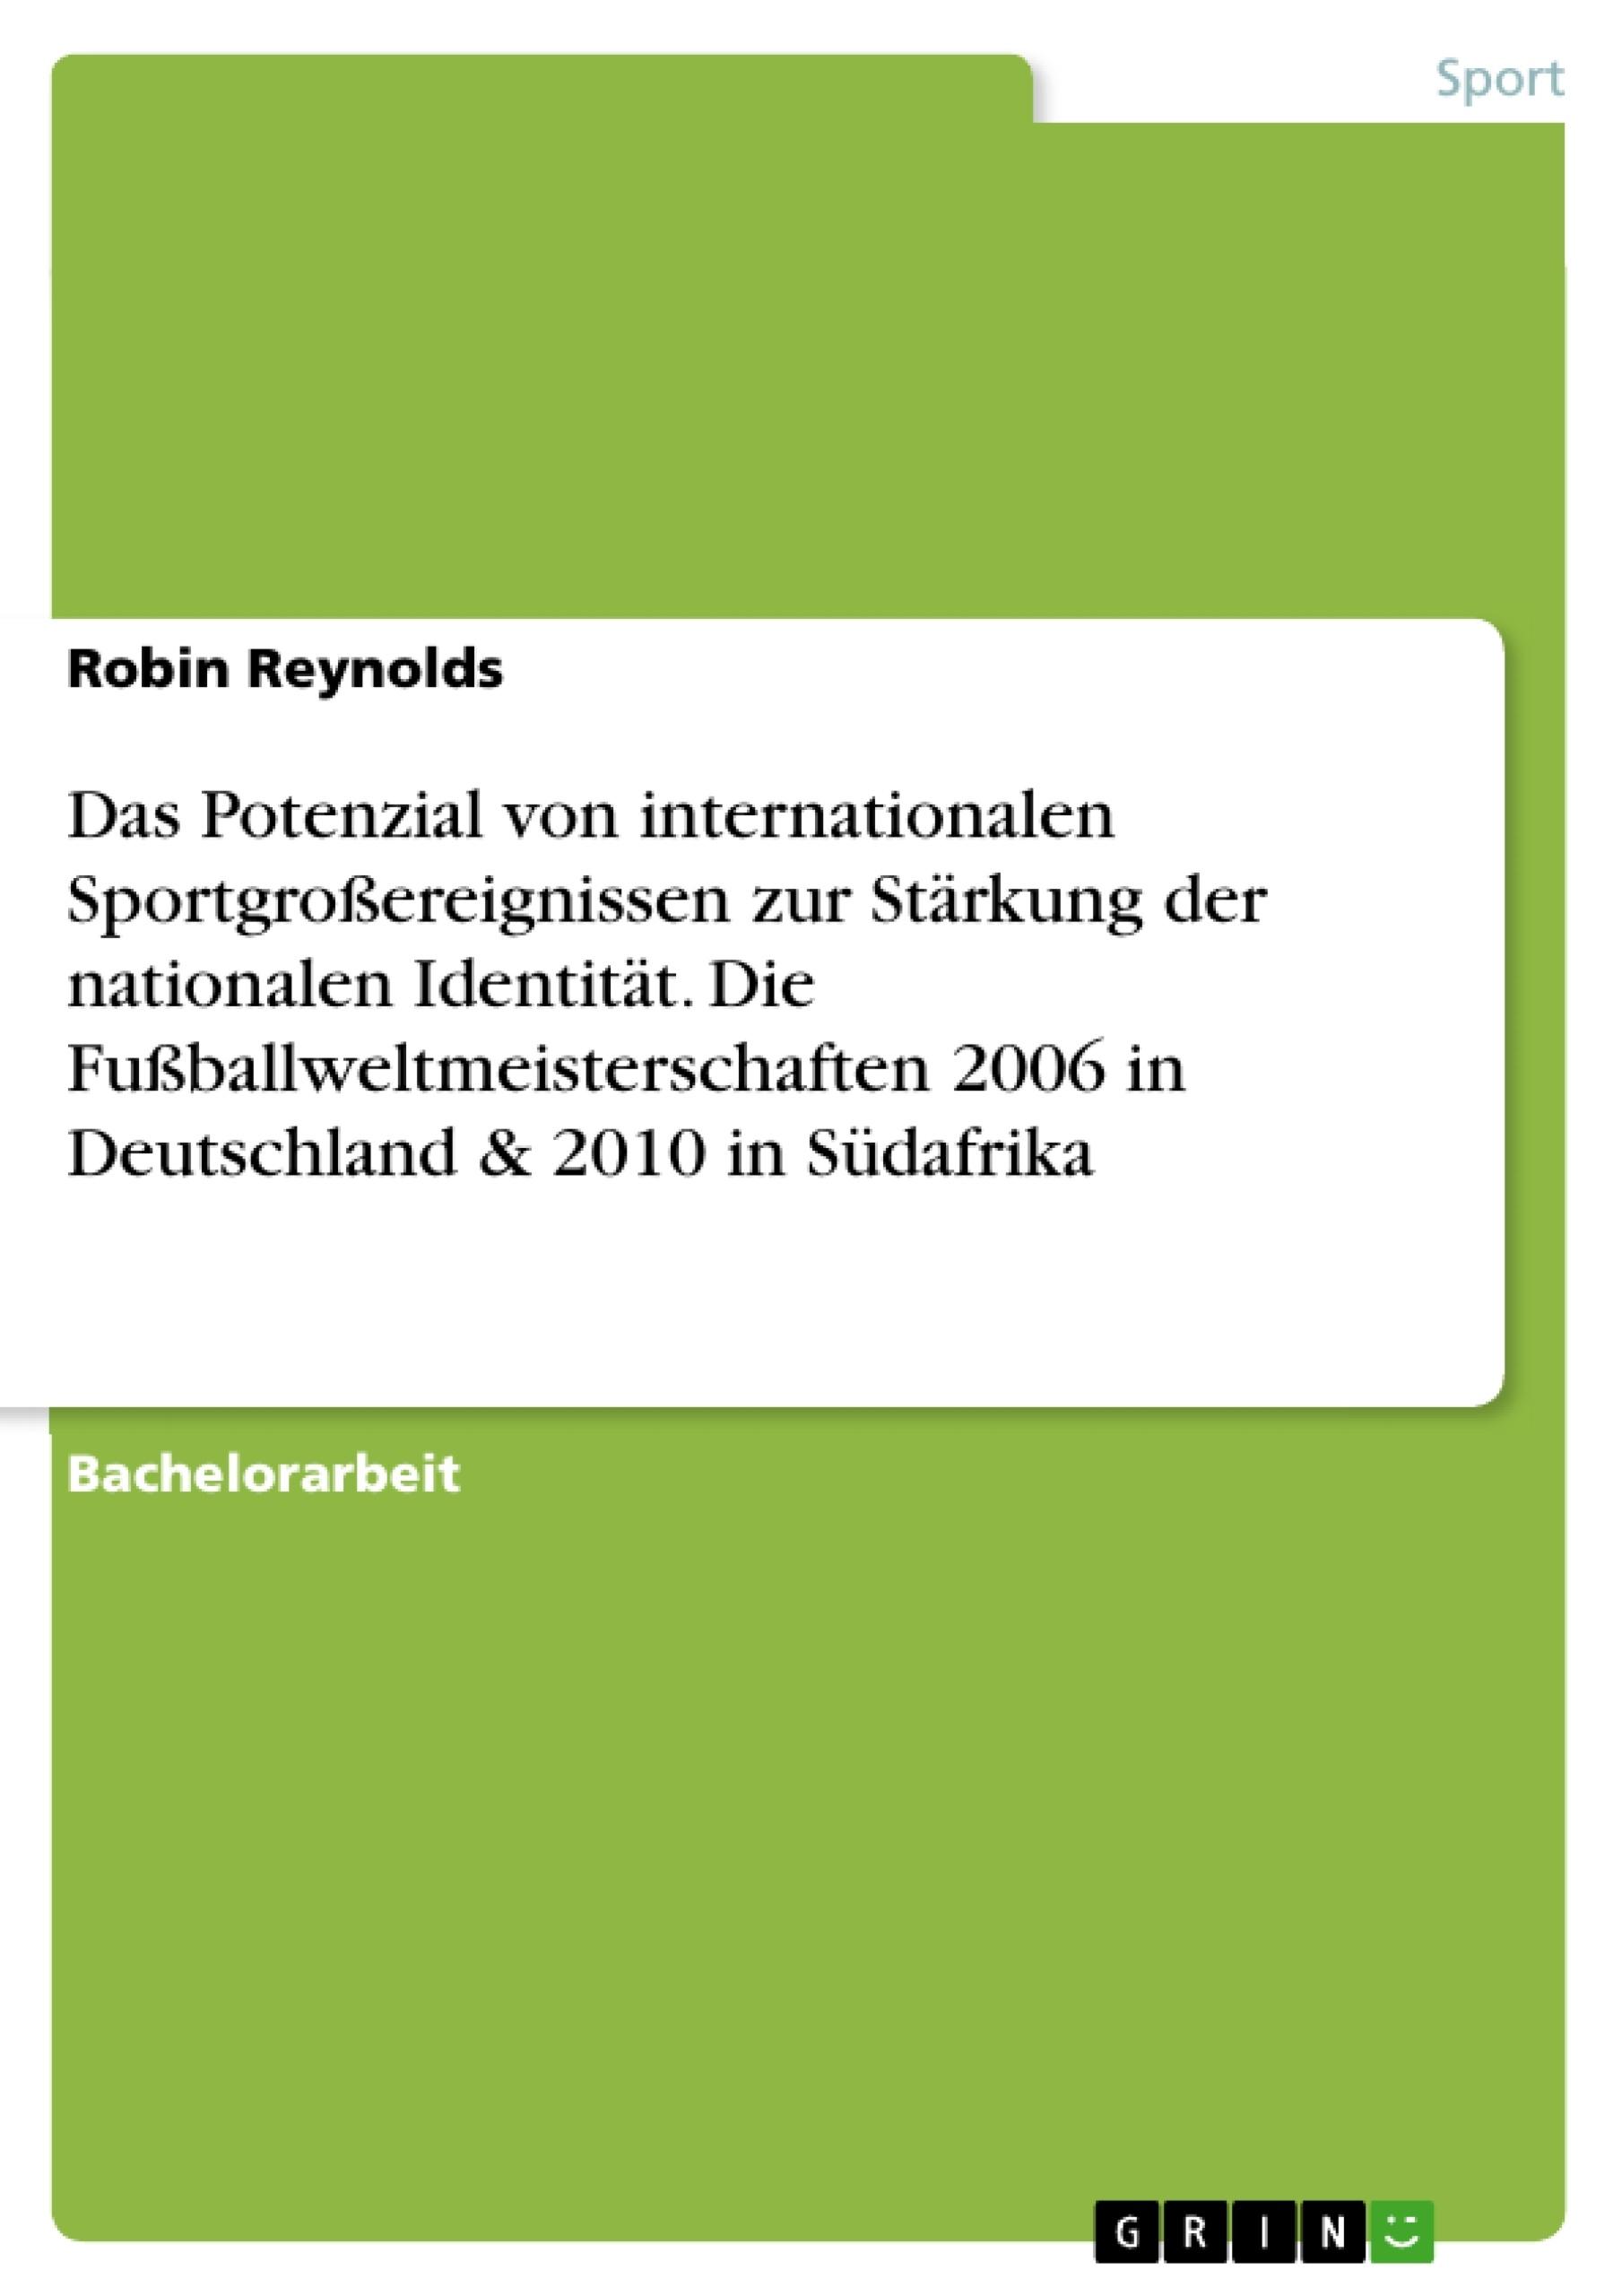 Titel: Das Potenzial von internationalen Sportgroßereignissen zur Stärkung der nationalen Identität. Die Fußballweltmeisterschaften 2006 in Deutschland & 2010 in Südafrika